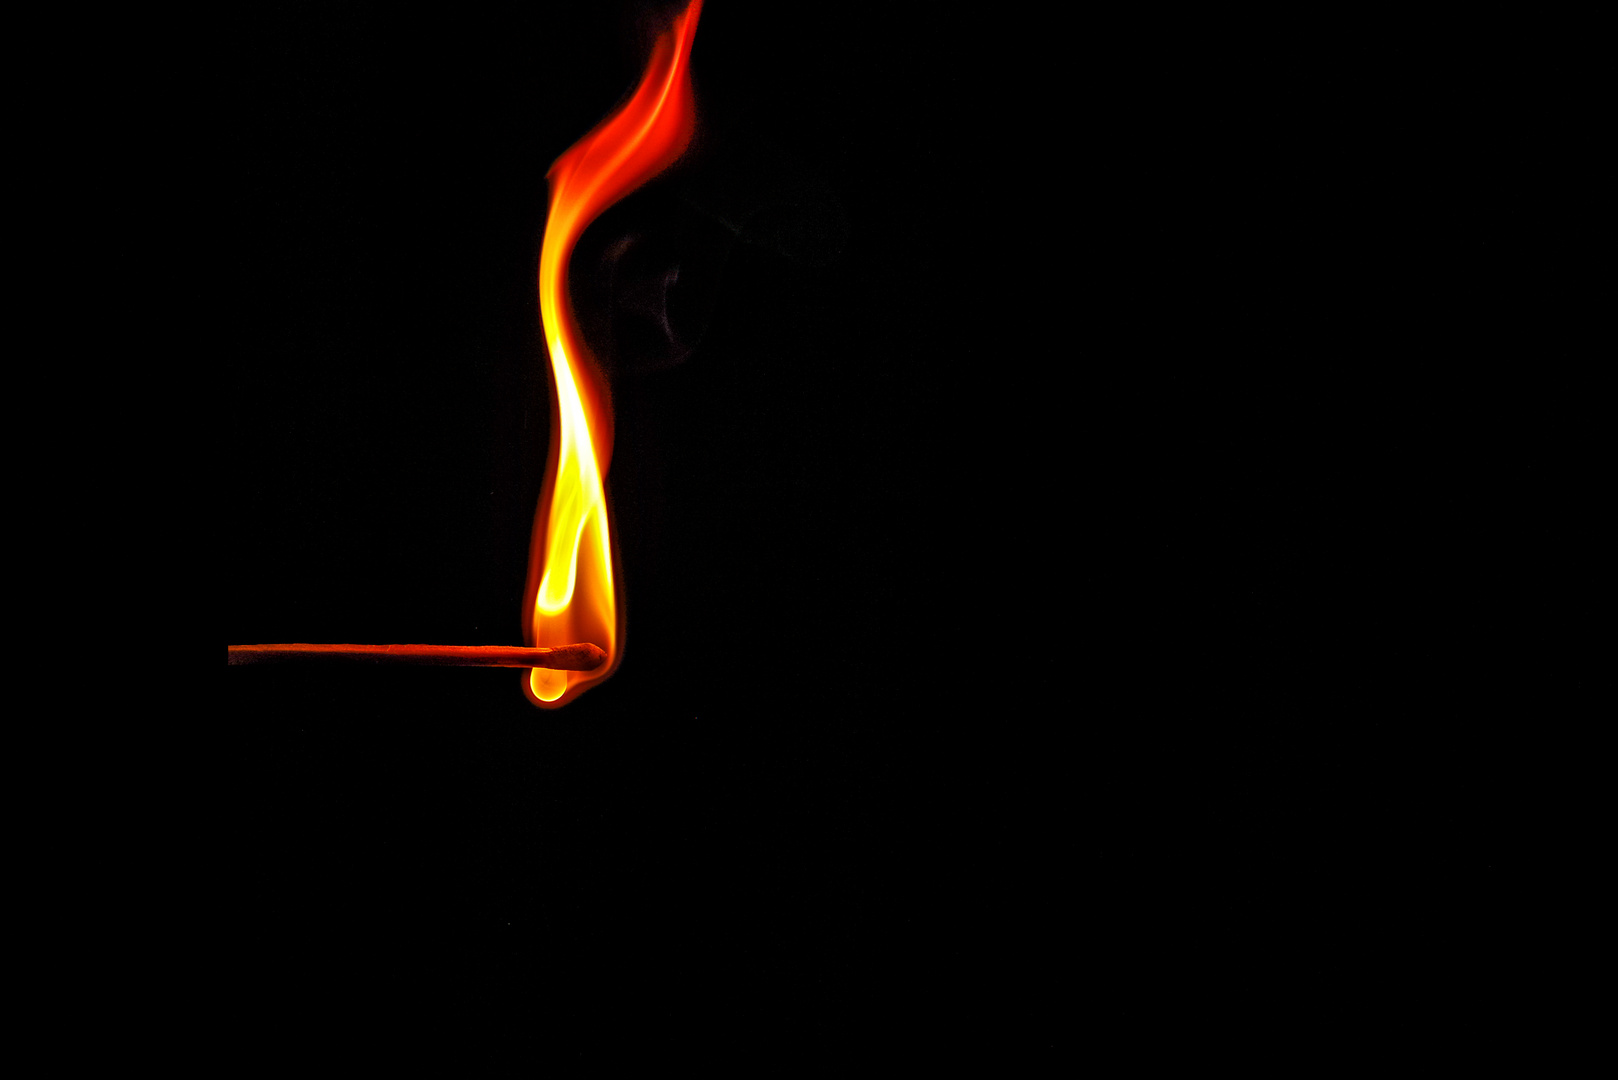 Flammenfigur eines Streichholzes_1